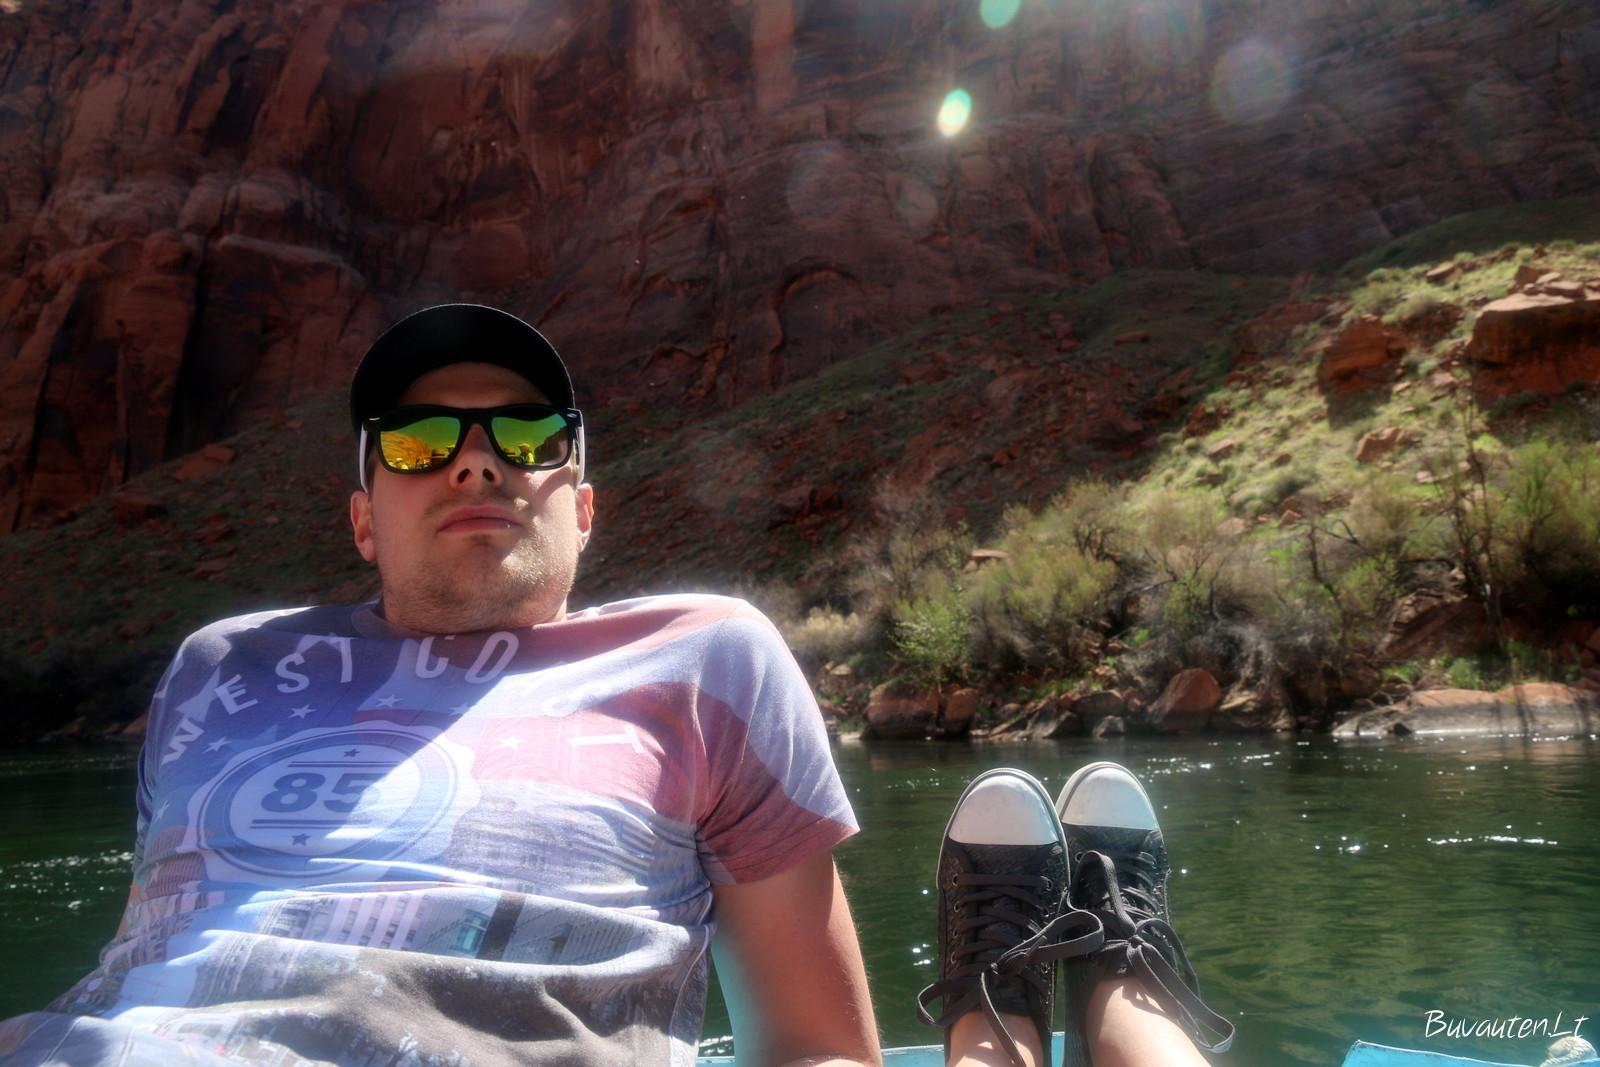 Visiškas atsipalaidavimas plaukiant upe